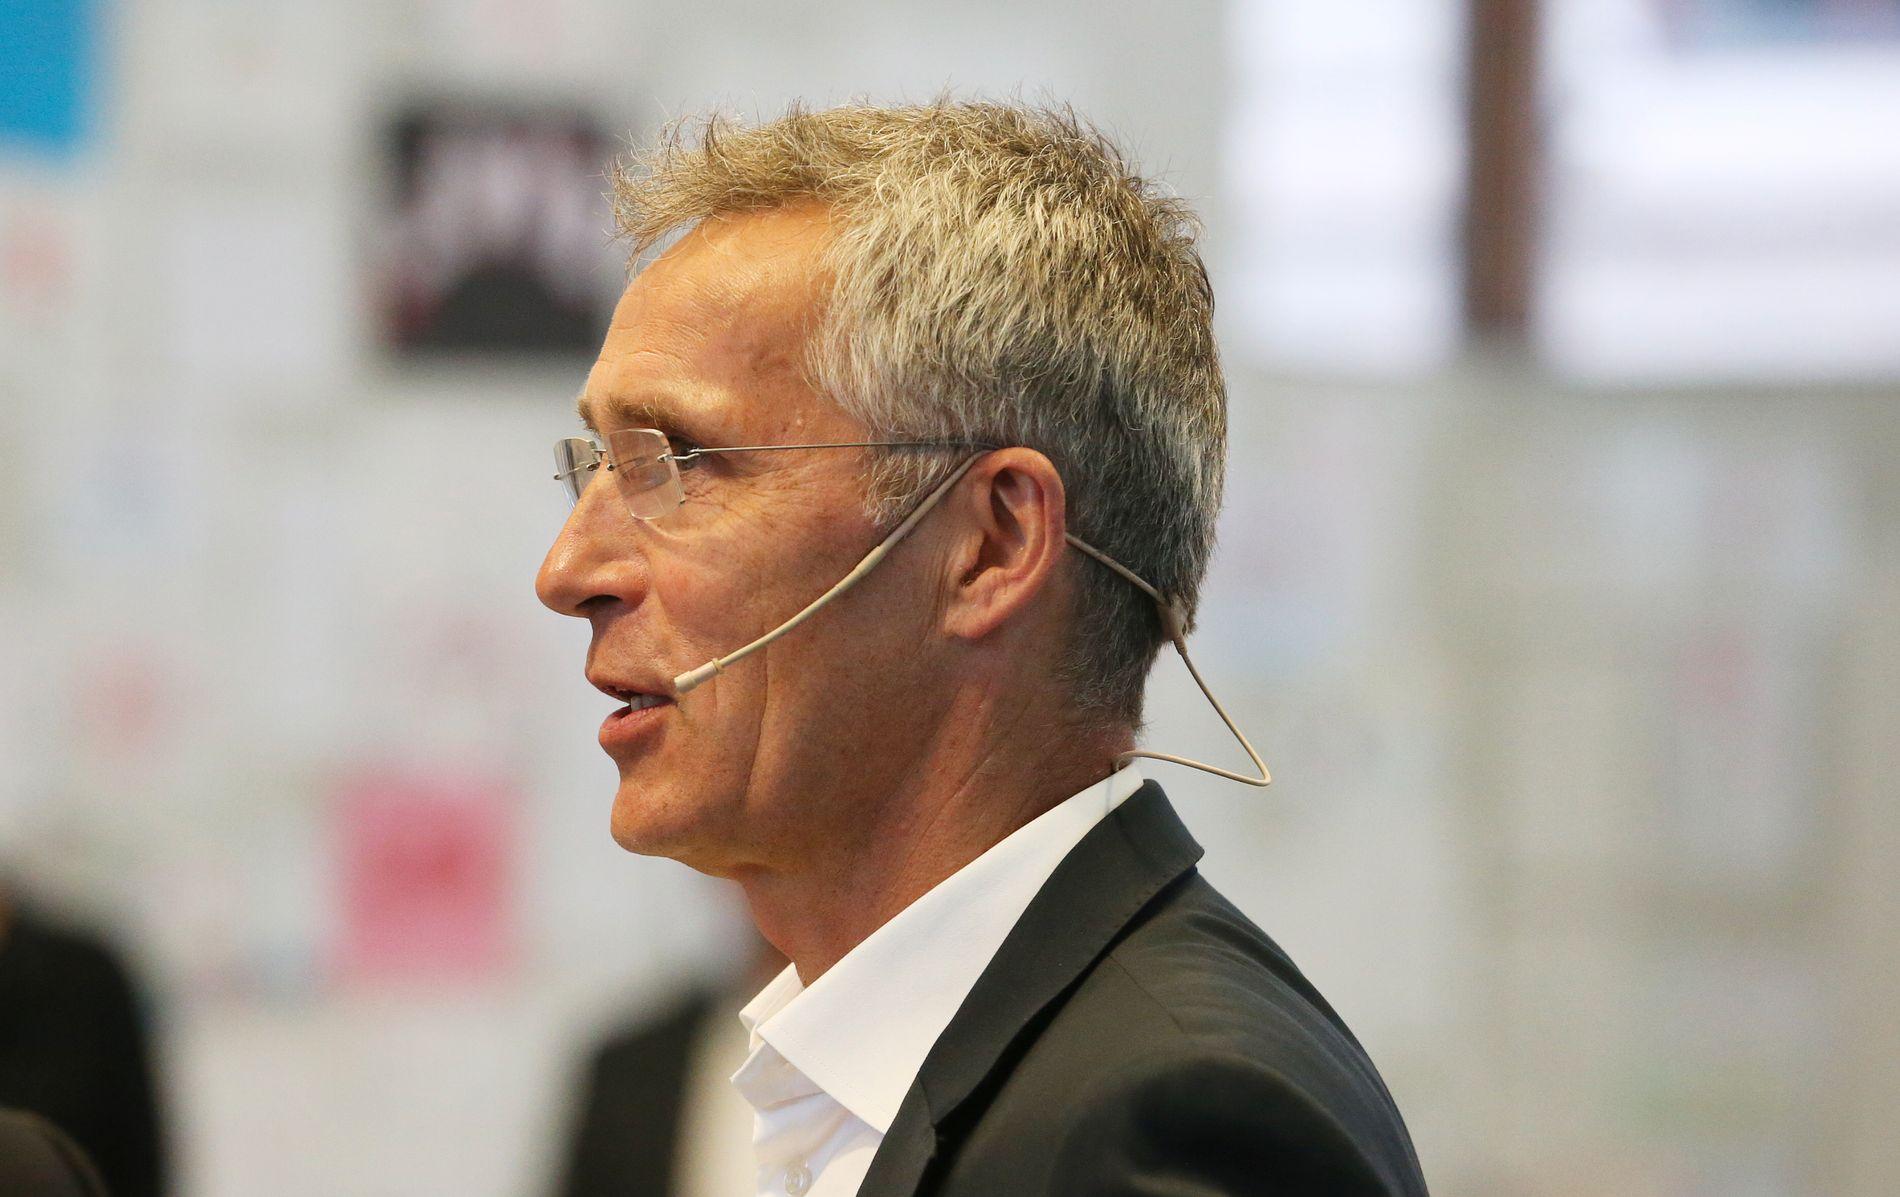 NATOs generalsekretær Jens Stoltenberg deltok søndag kveld i en panelsamtale med vitneberetninger i 22. juli senteret i det utbombede regjeringskvartalet.